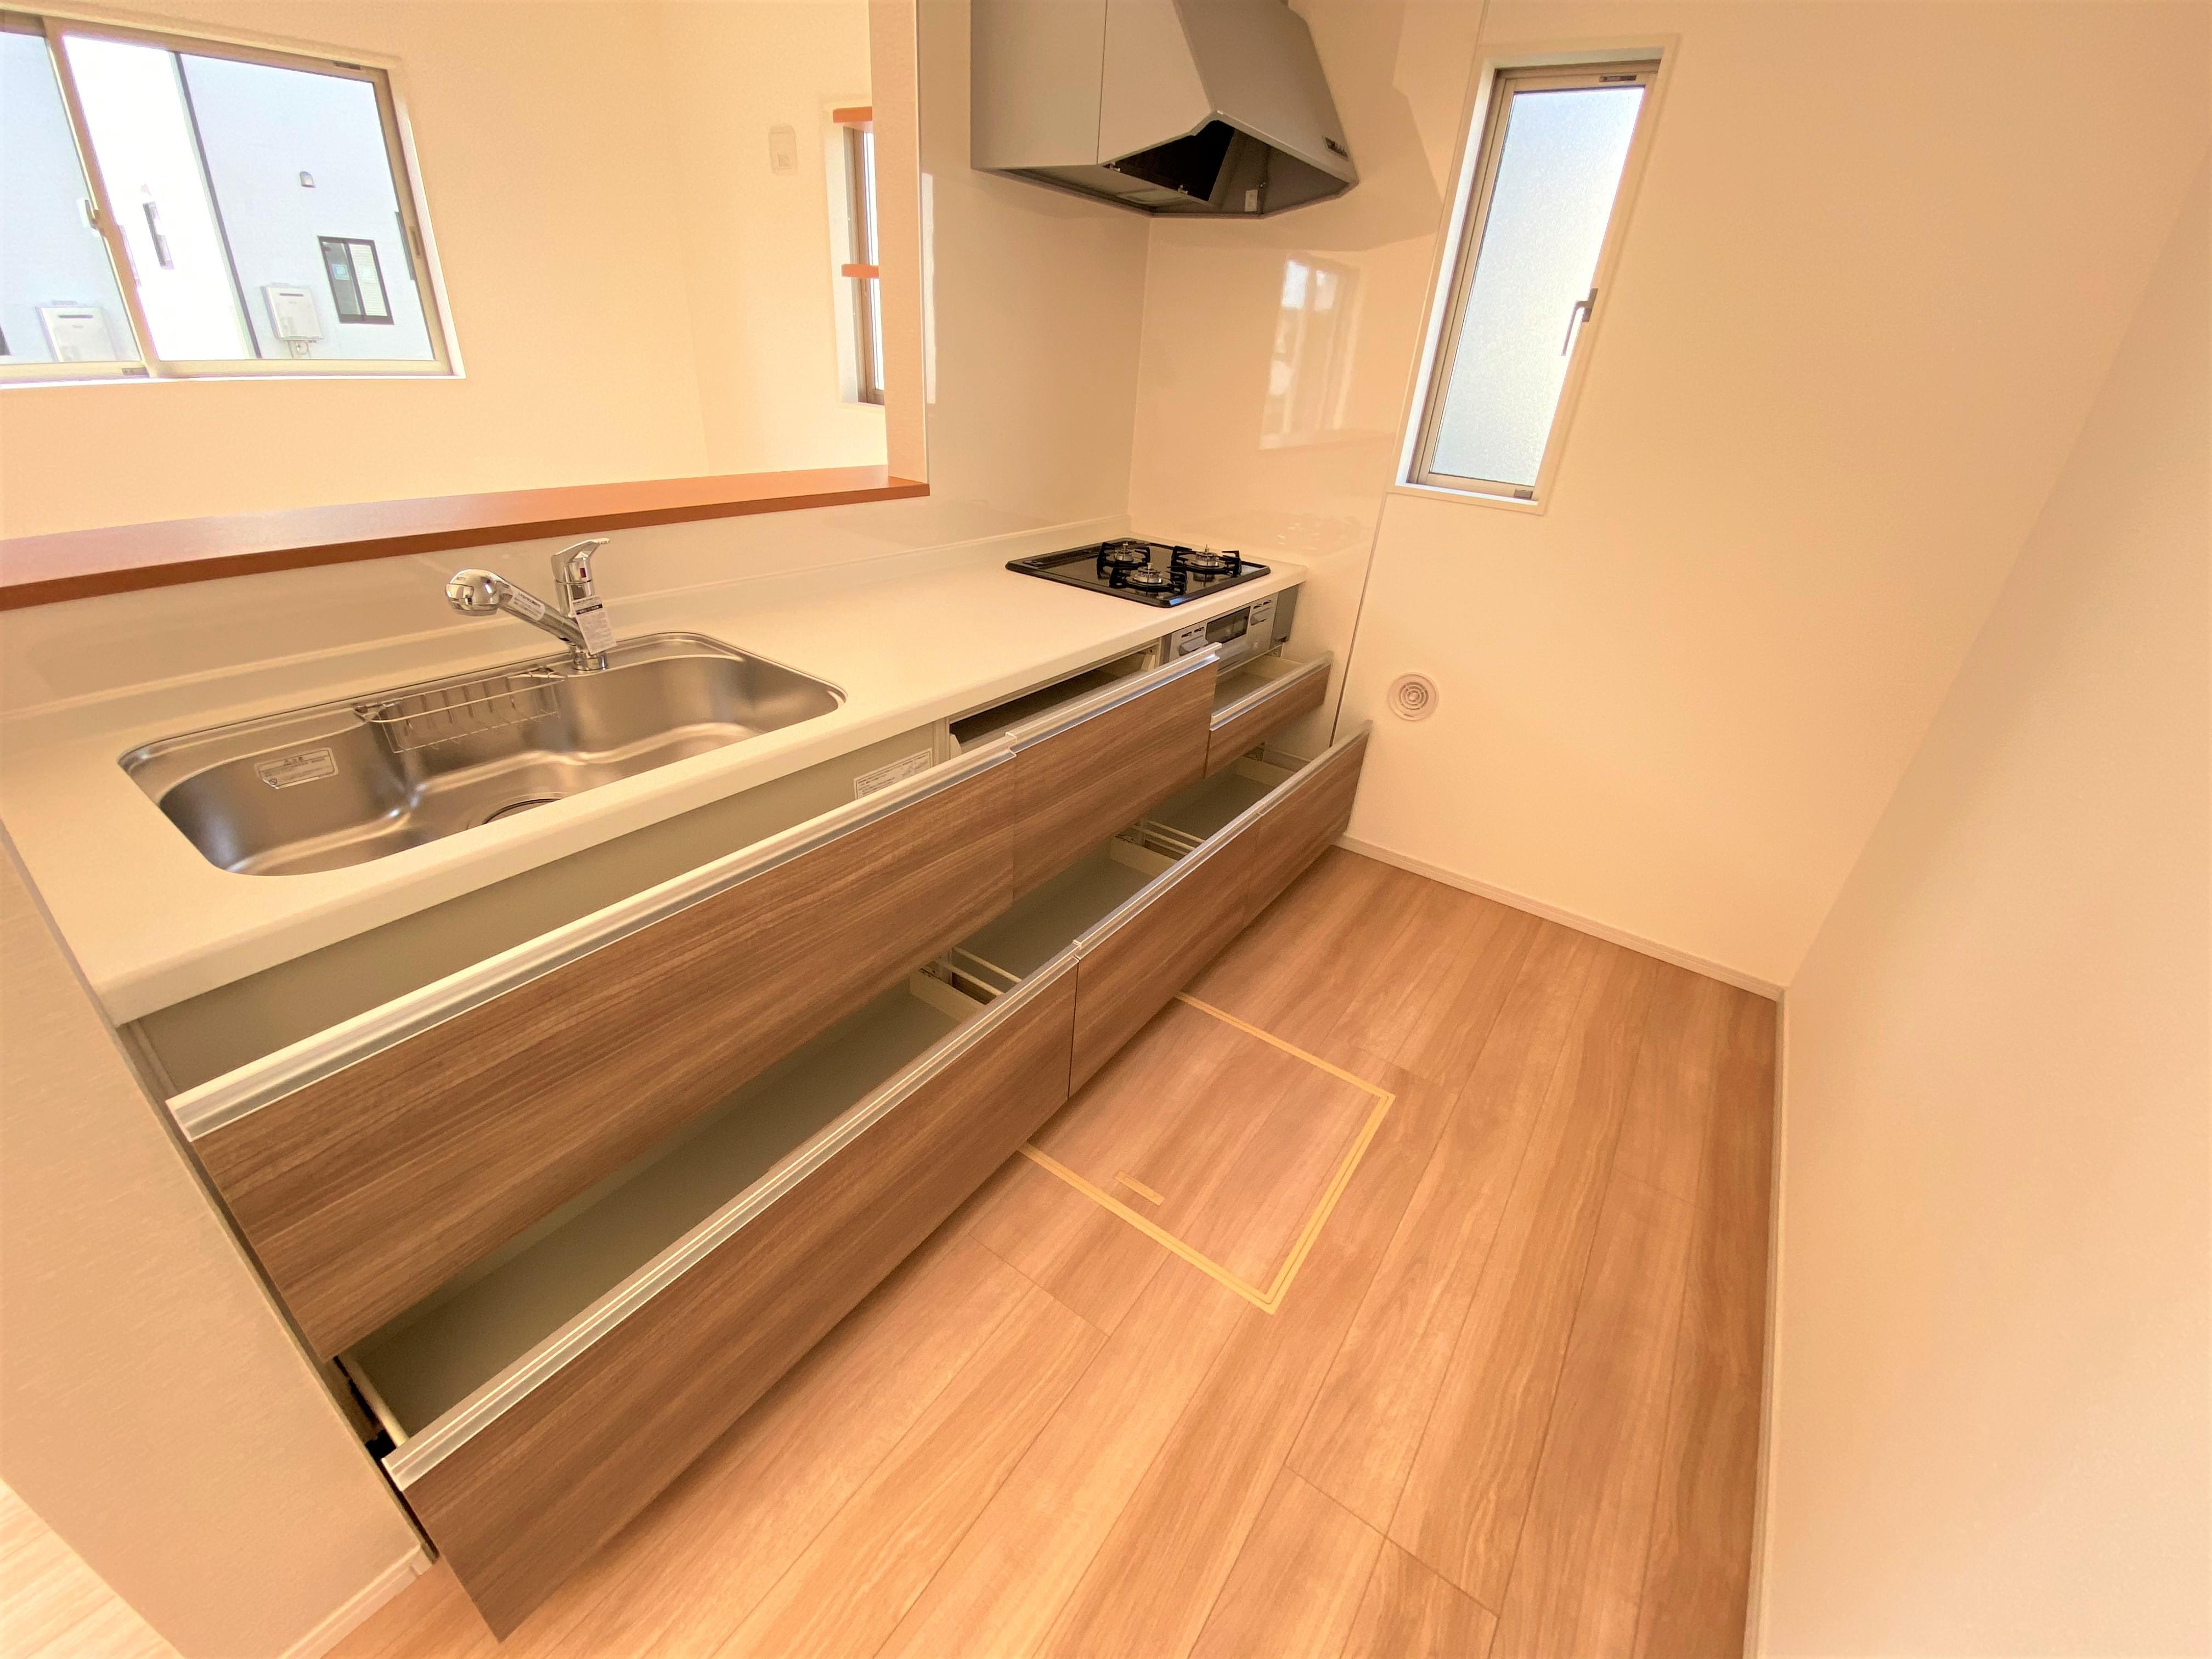 2号棟|広々と使いやすい調理スペースのキッチン。鍋やフライパンなどすっぽりしまえる大容量のスライド収納付きです。忙しいママの強い味方です。